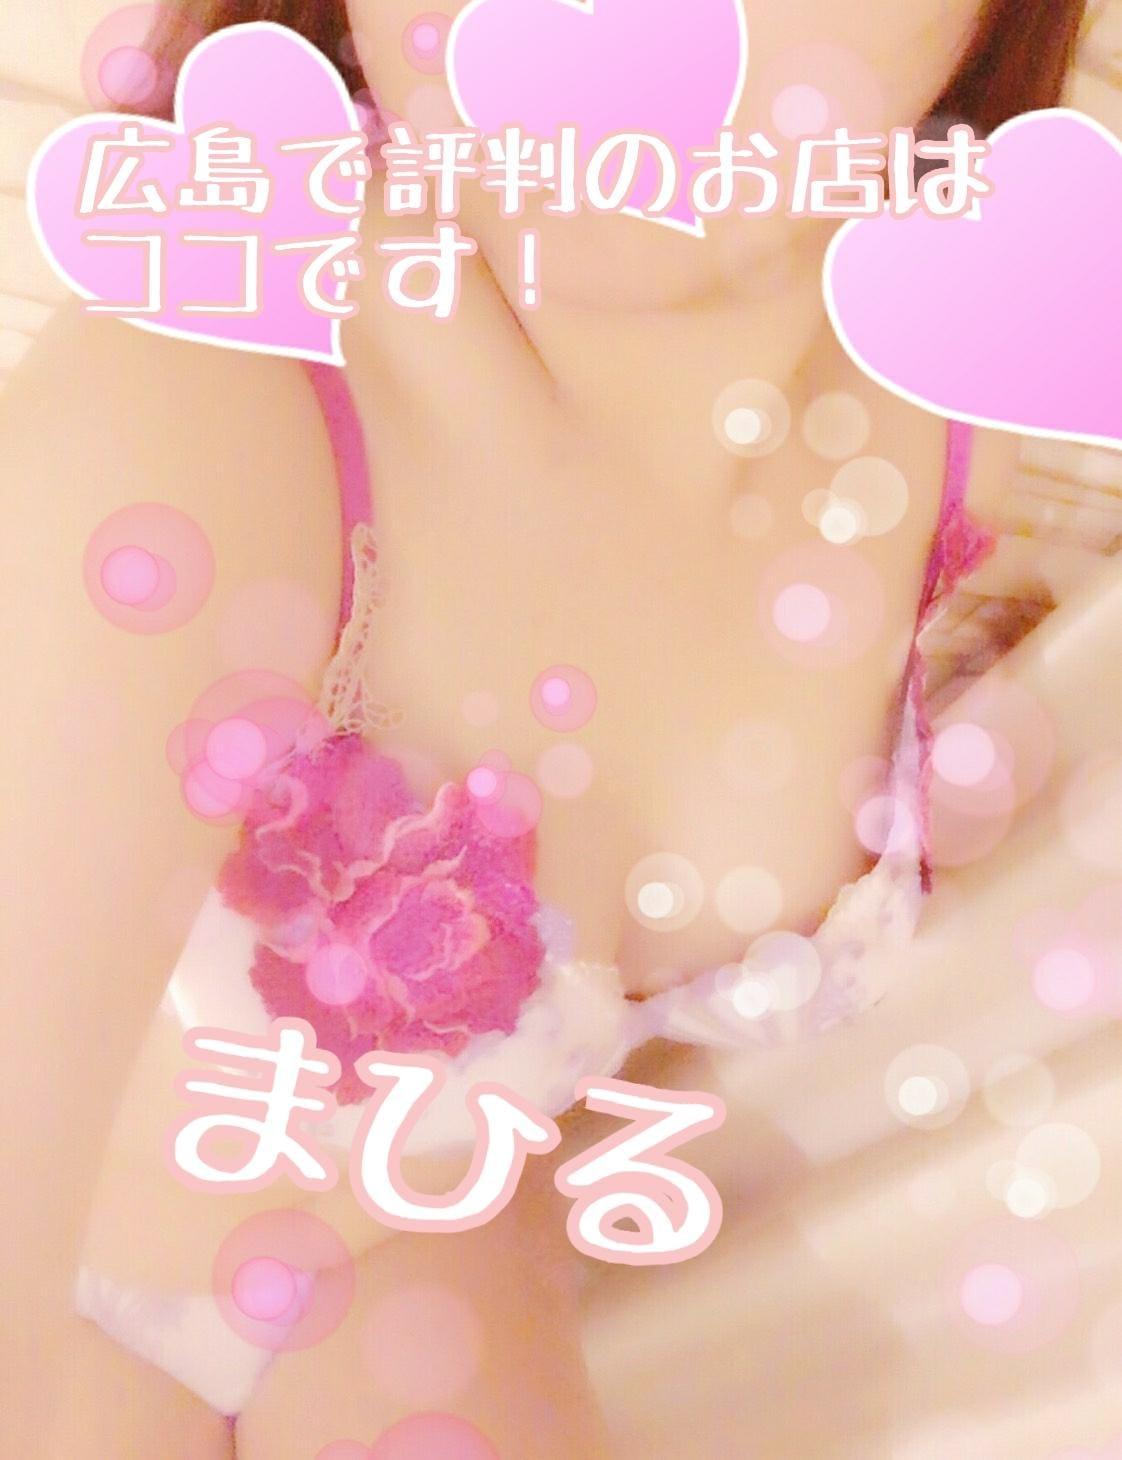 「おはよう☆」06/11(月) 07:12 | マヒルの写メ・風俗動画